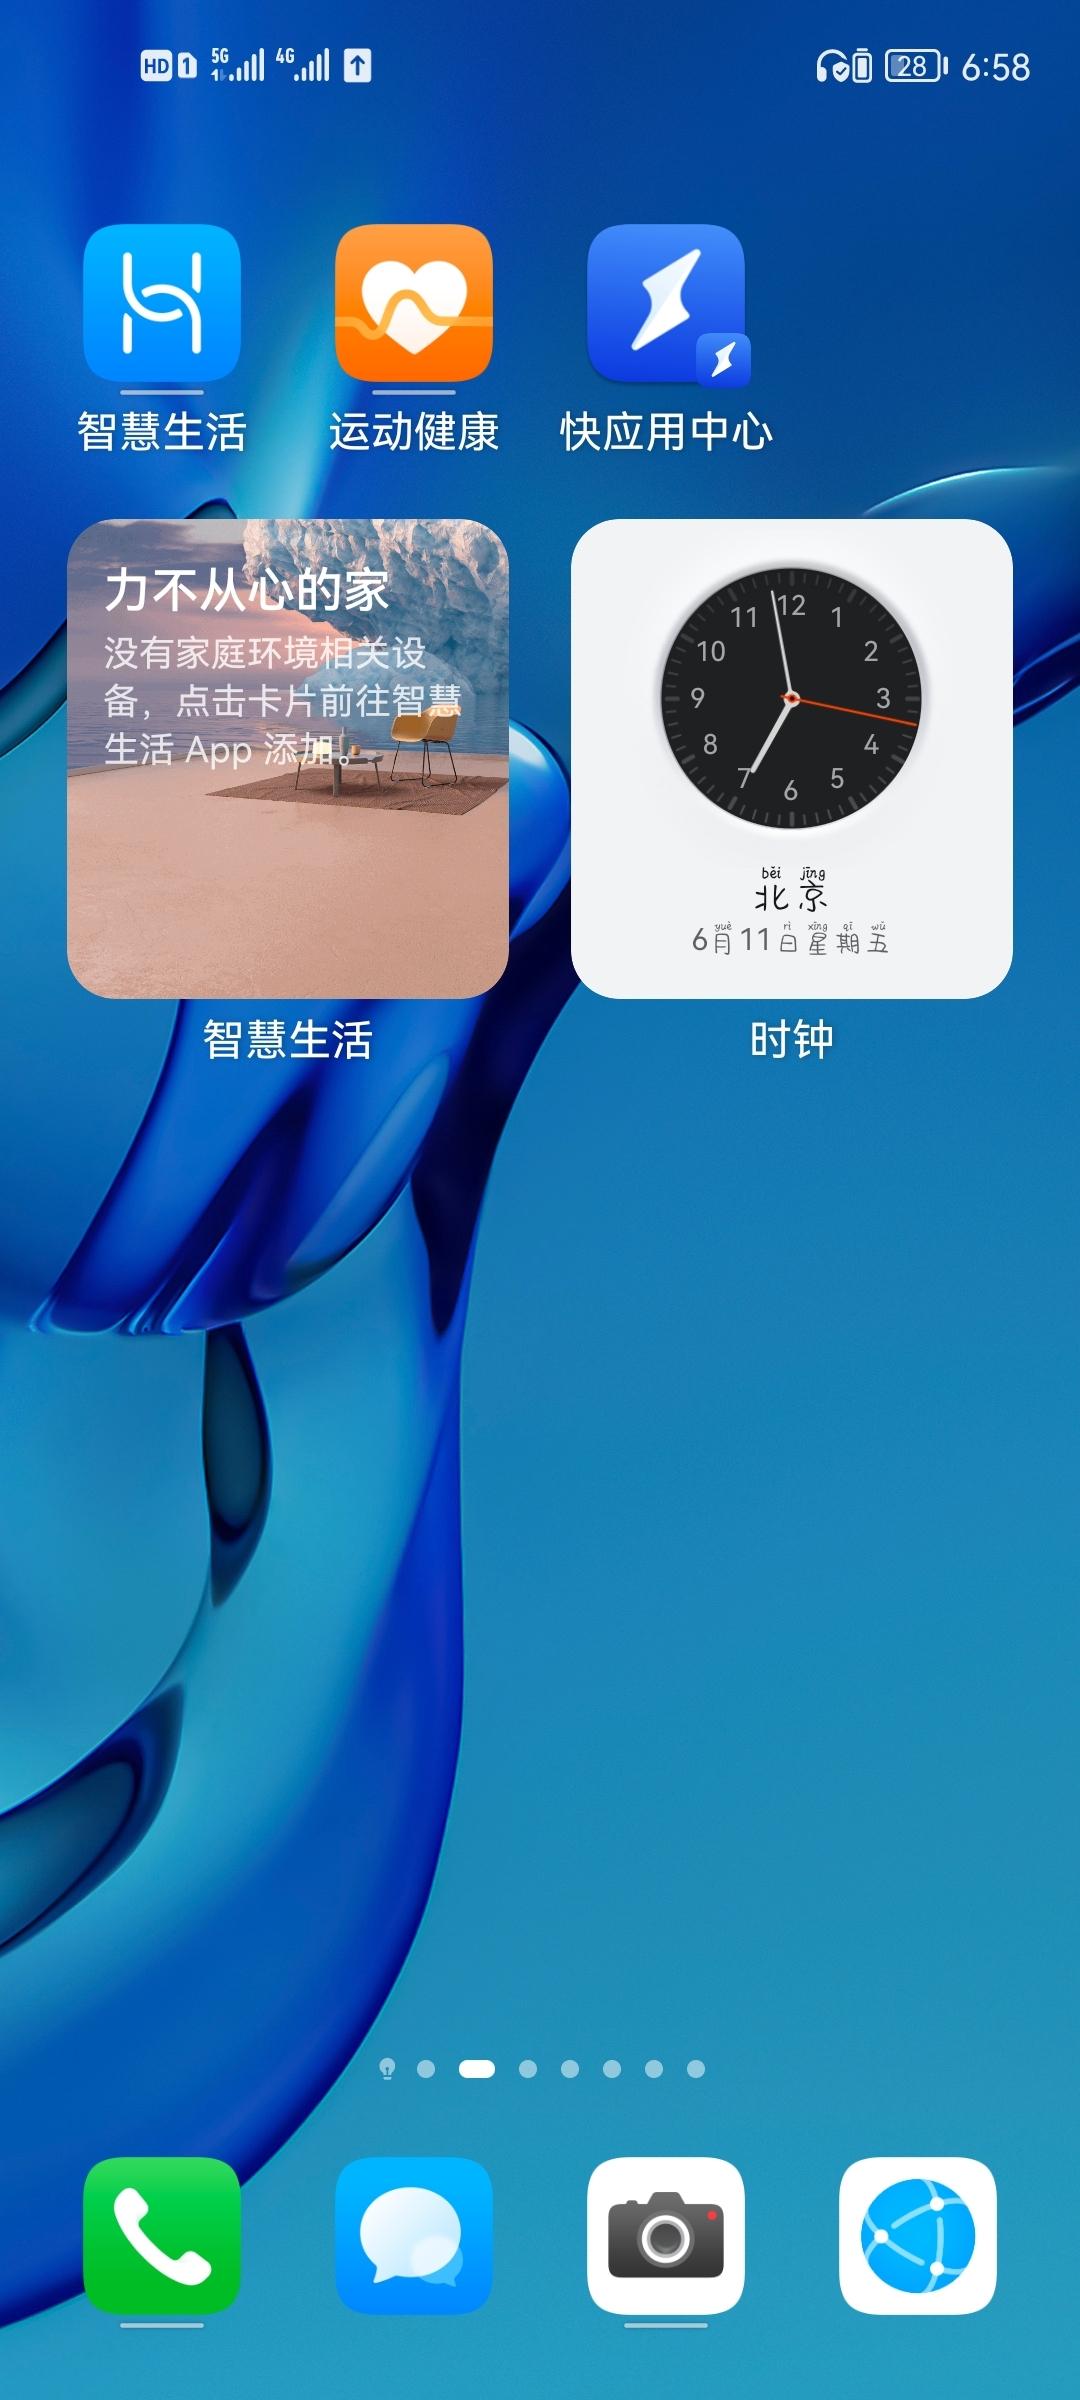 Screenshot_20210611_185817_com.huawei.android.launcher.jpg